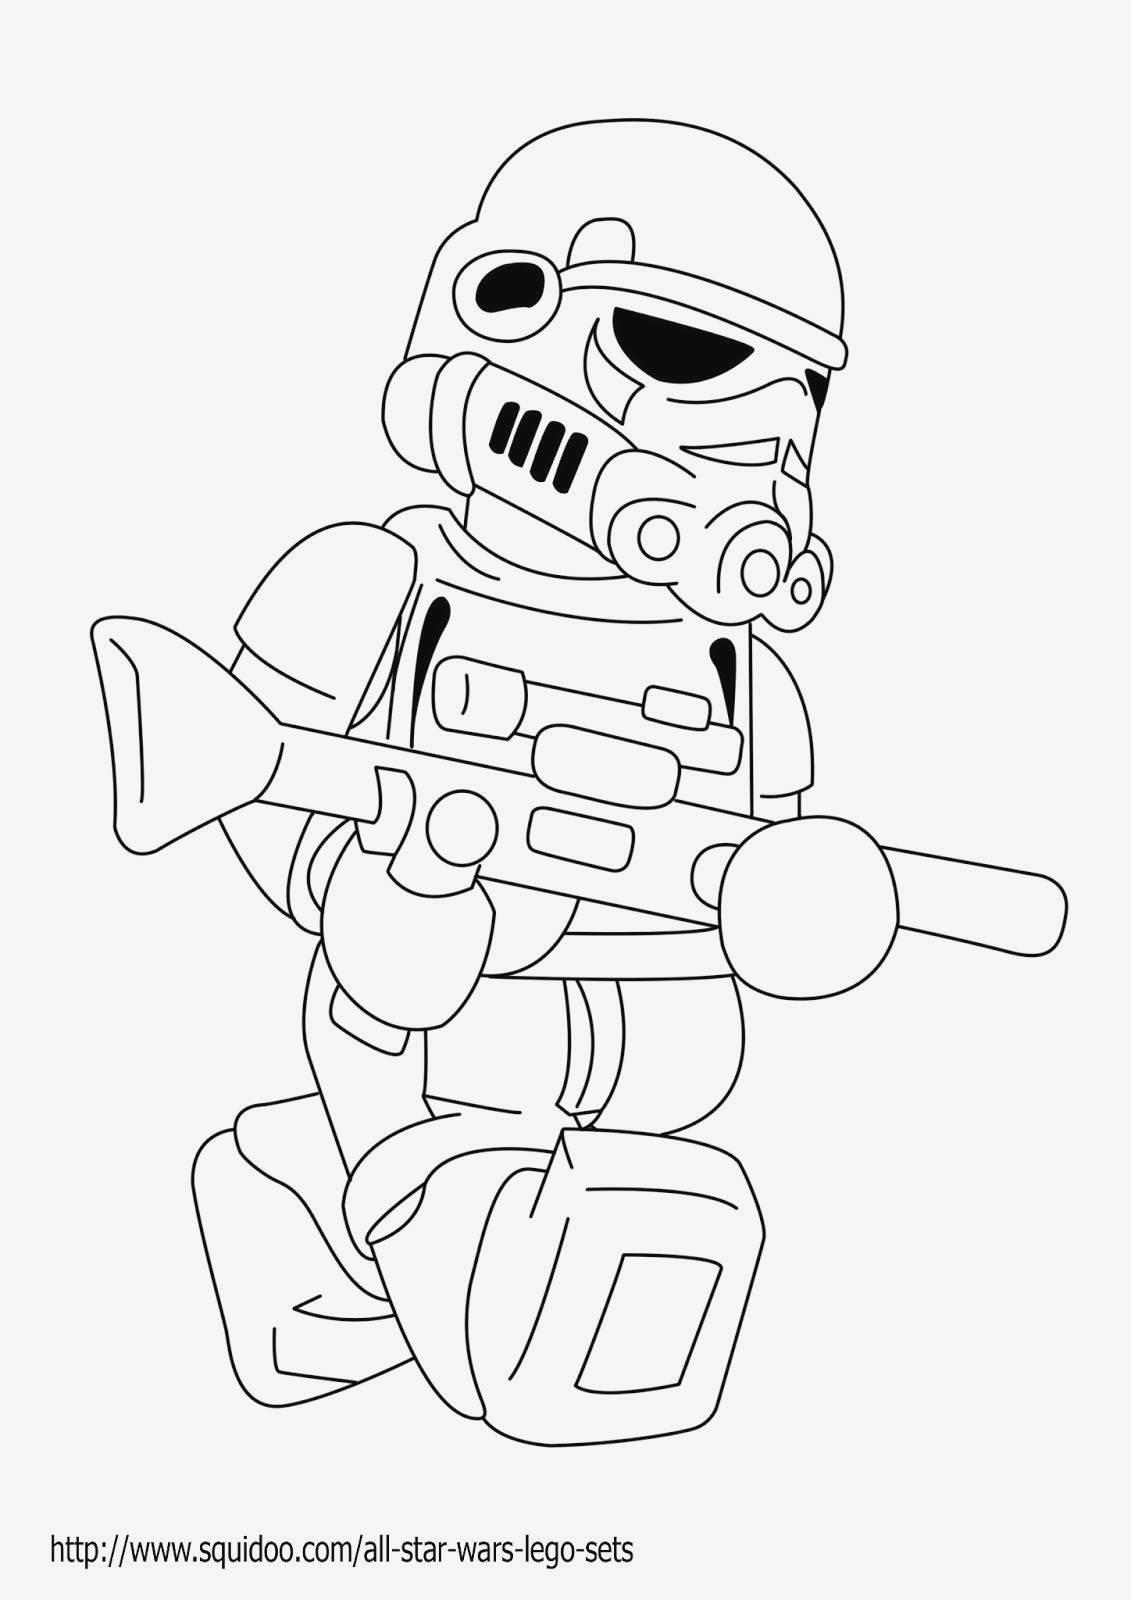 Lego Star Wars Ausmalbild Frisch 25 Druckbar Lego Star Wars Ausmalbilder Zum Drucken Bild